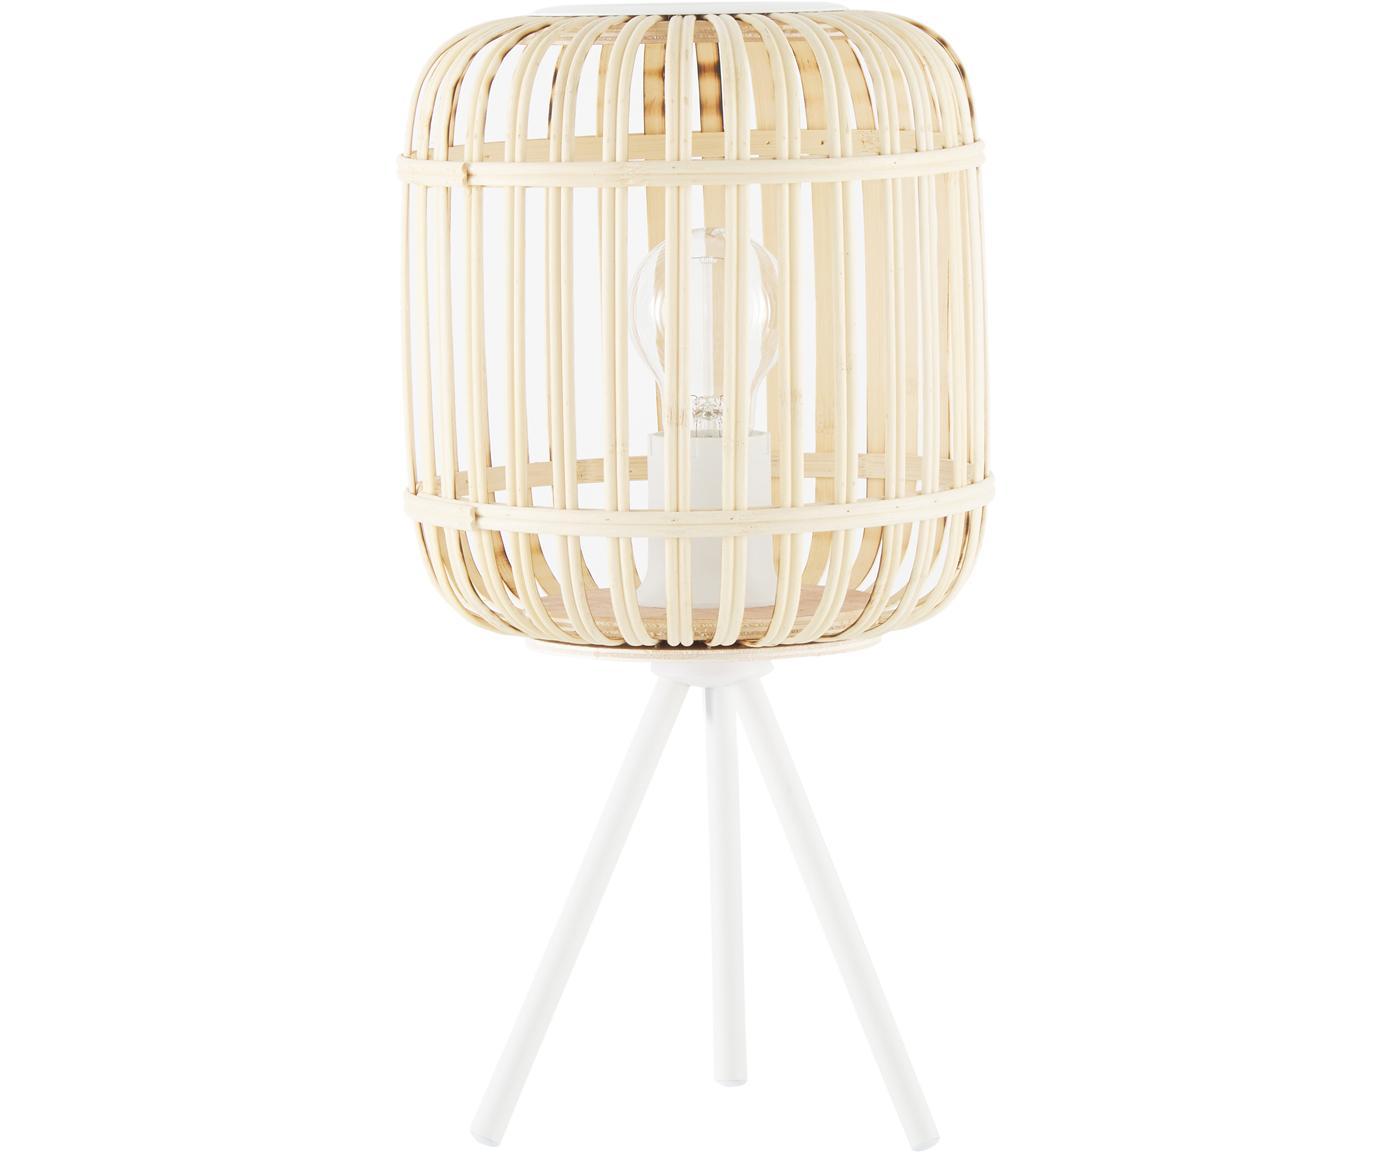 Boho-Tischleuchte Adam aus Bambus, Lampenschirm: Bambus, Lampenfuß: Metall, pulverbeschichtet, Weiß, Beige, Ø 21 x H 42 cm